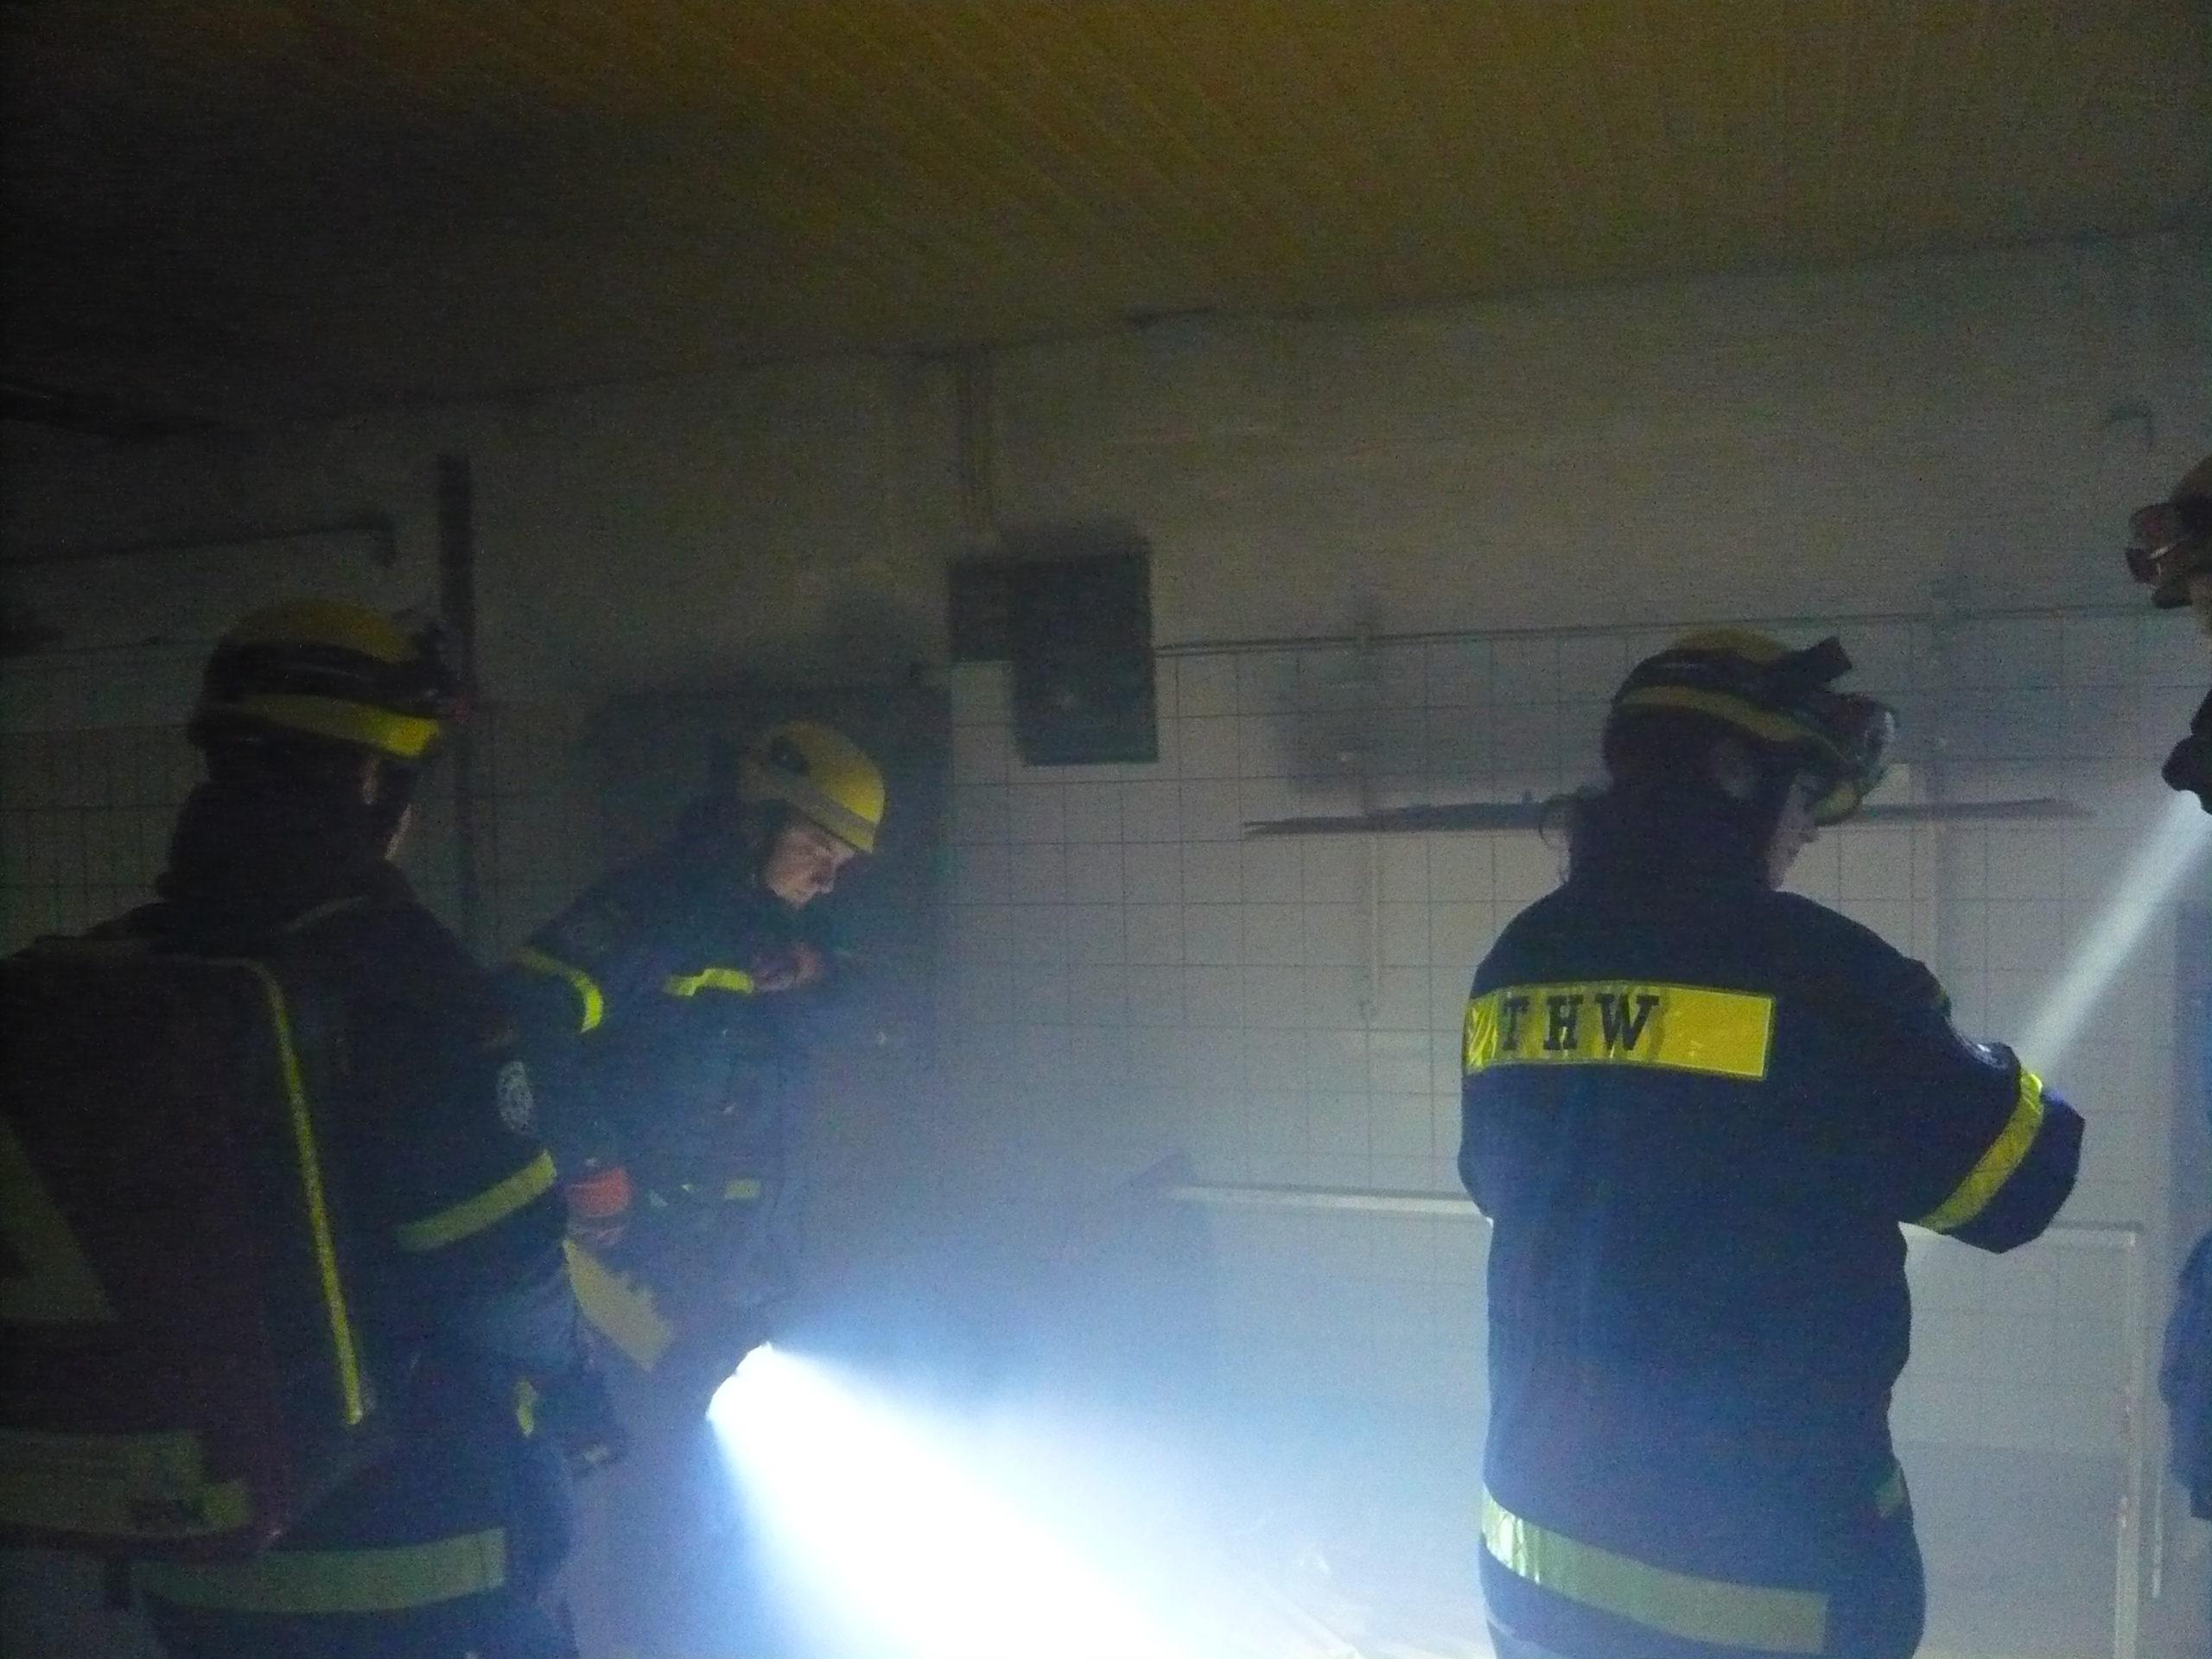 Umsonstladen: THW-Übung schafft Freiraum in ehemaliger Bäckerei